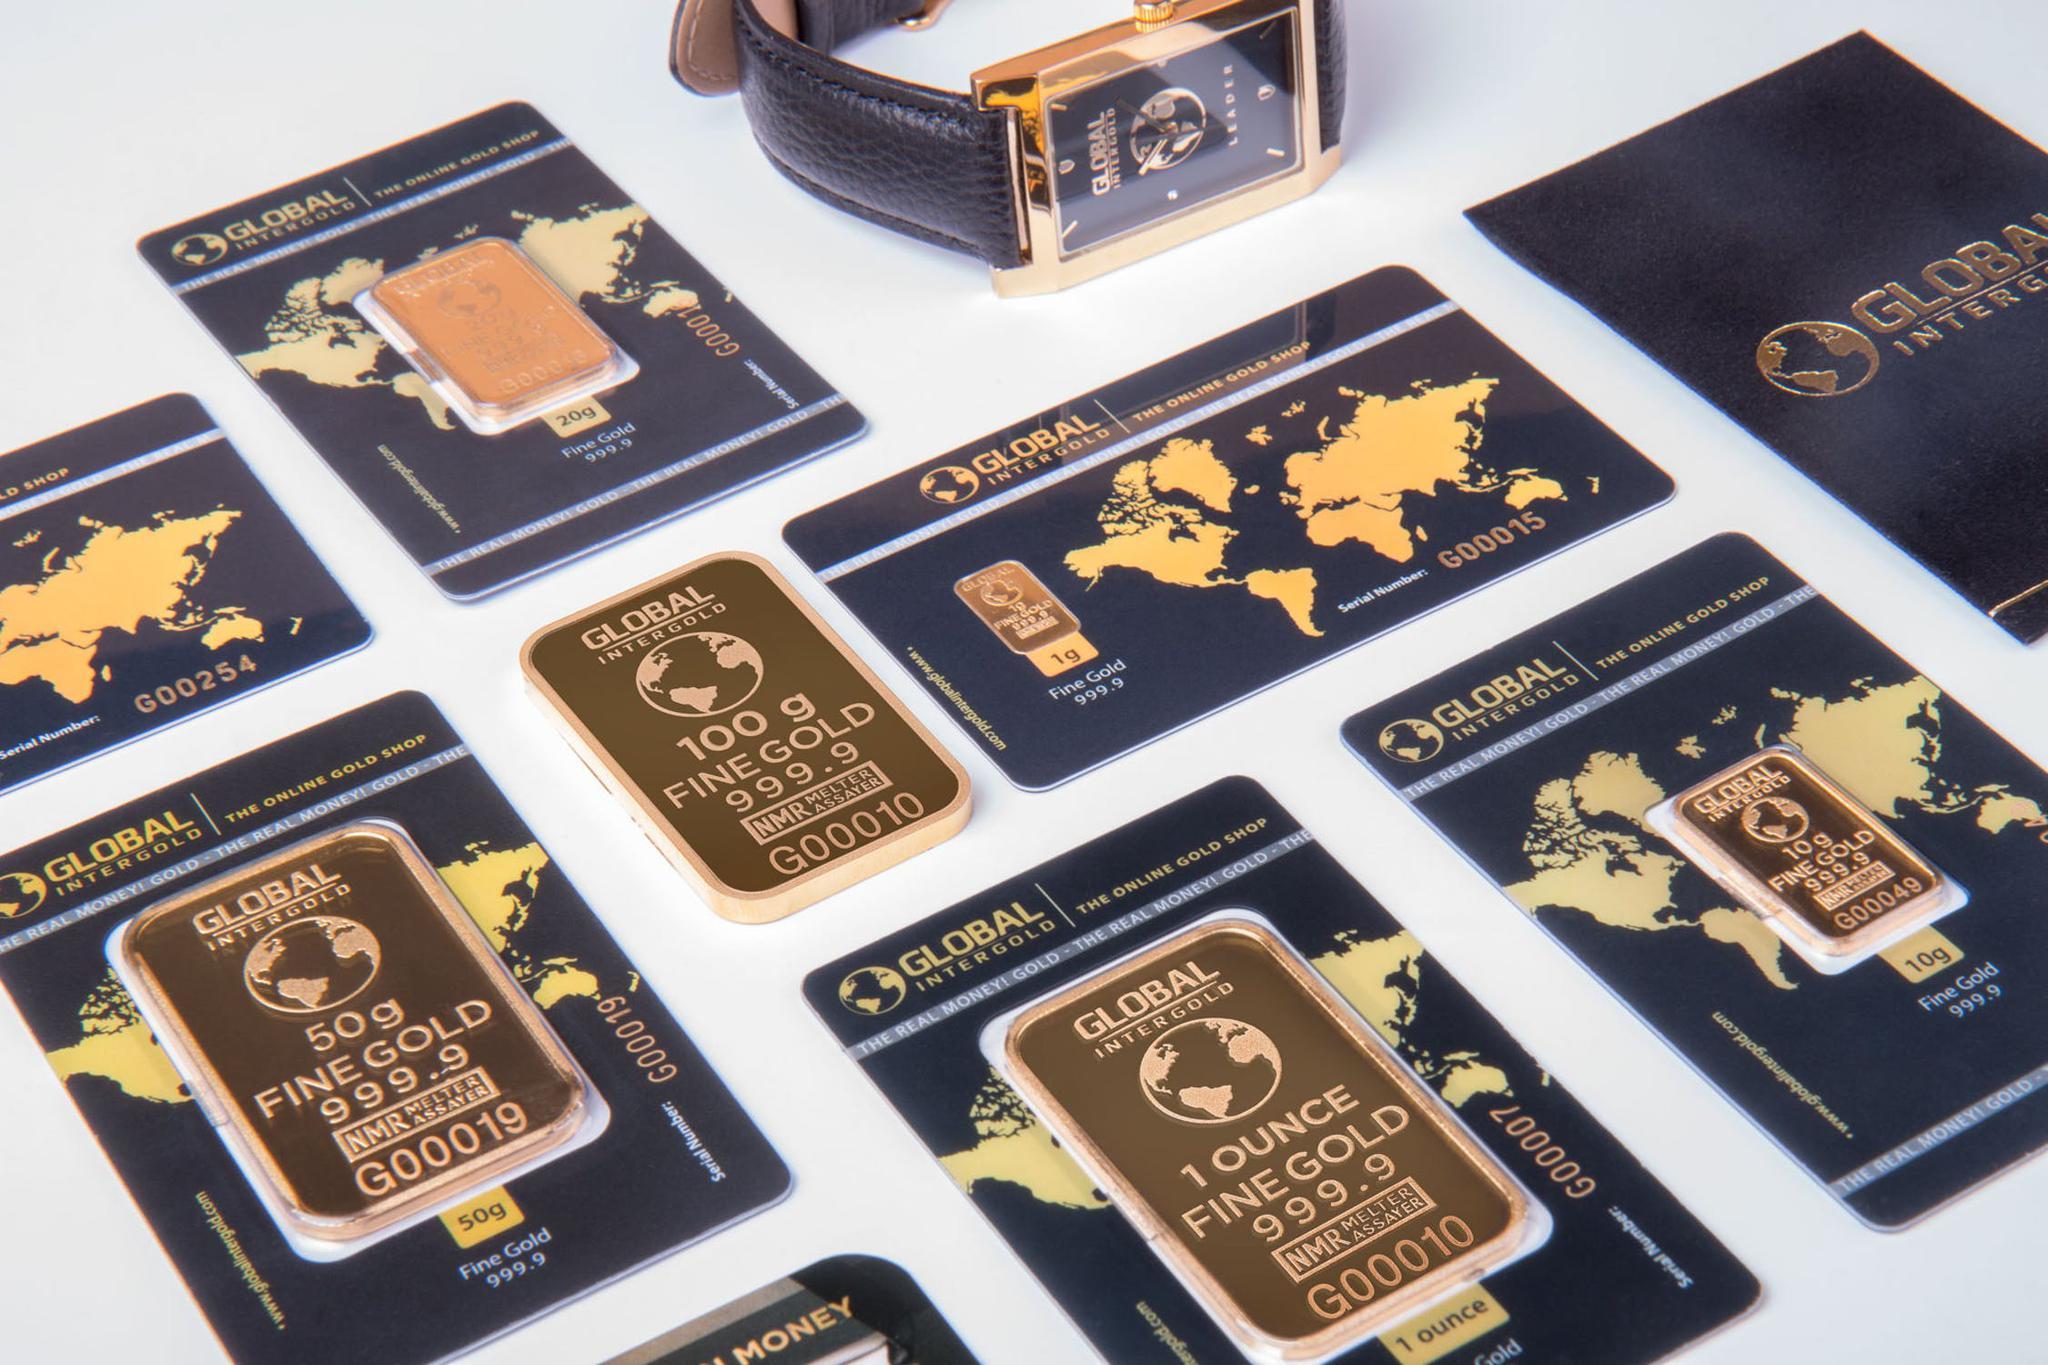 中国为维持人民币稳定做出巨大努力可能扭转黄金熊市